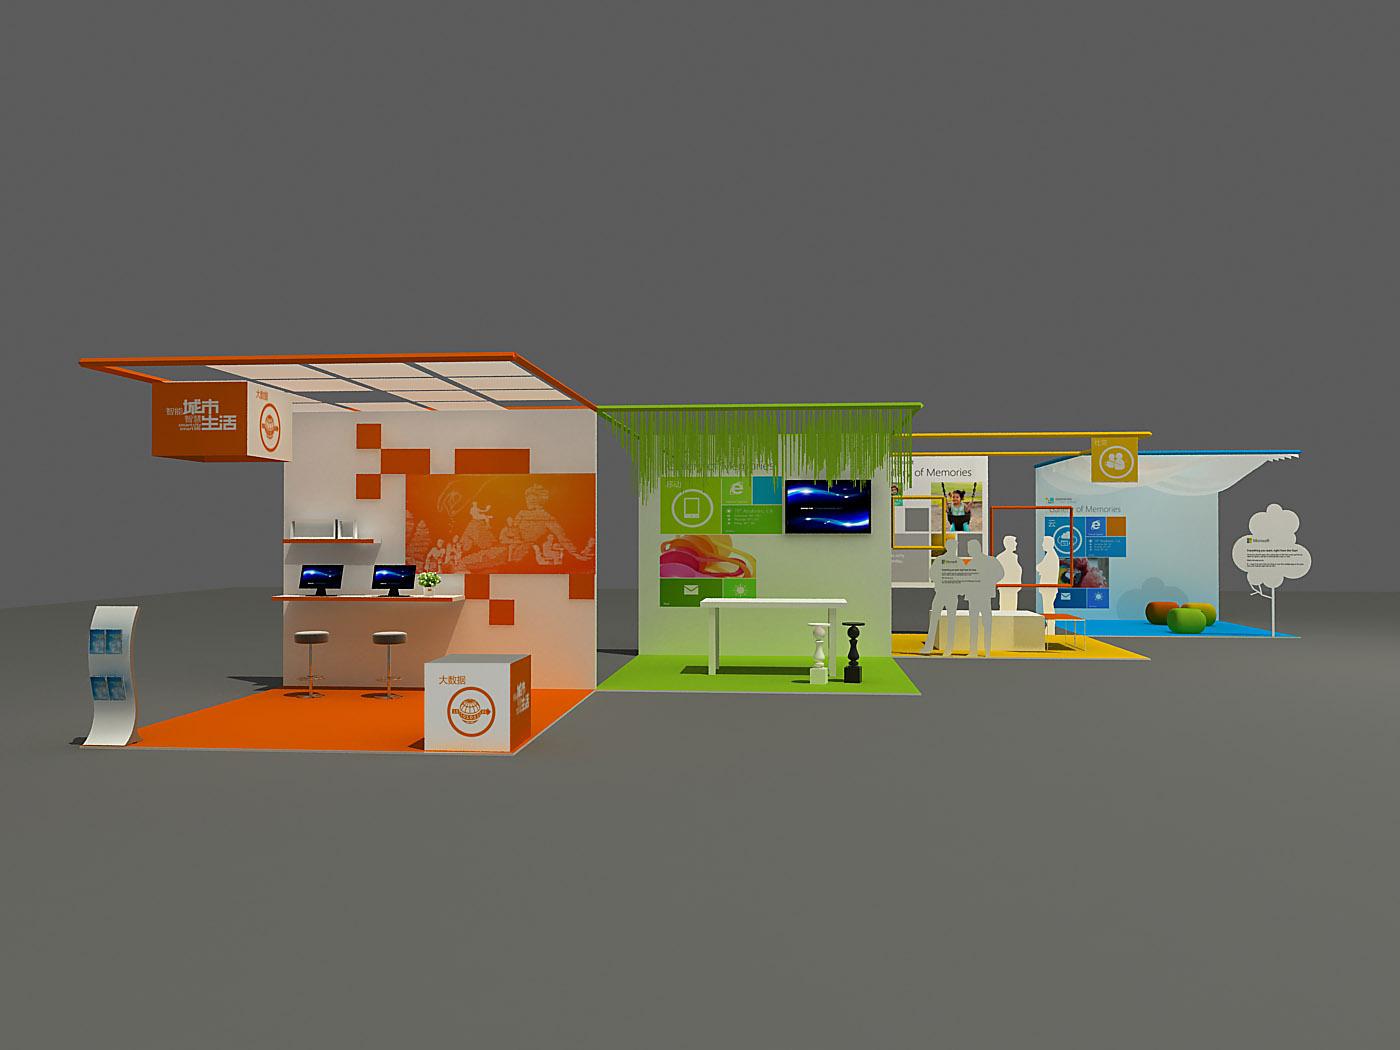 展览展示作品 概念稿|空间|展示设计 |linanxious图片